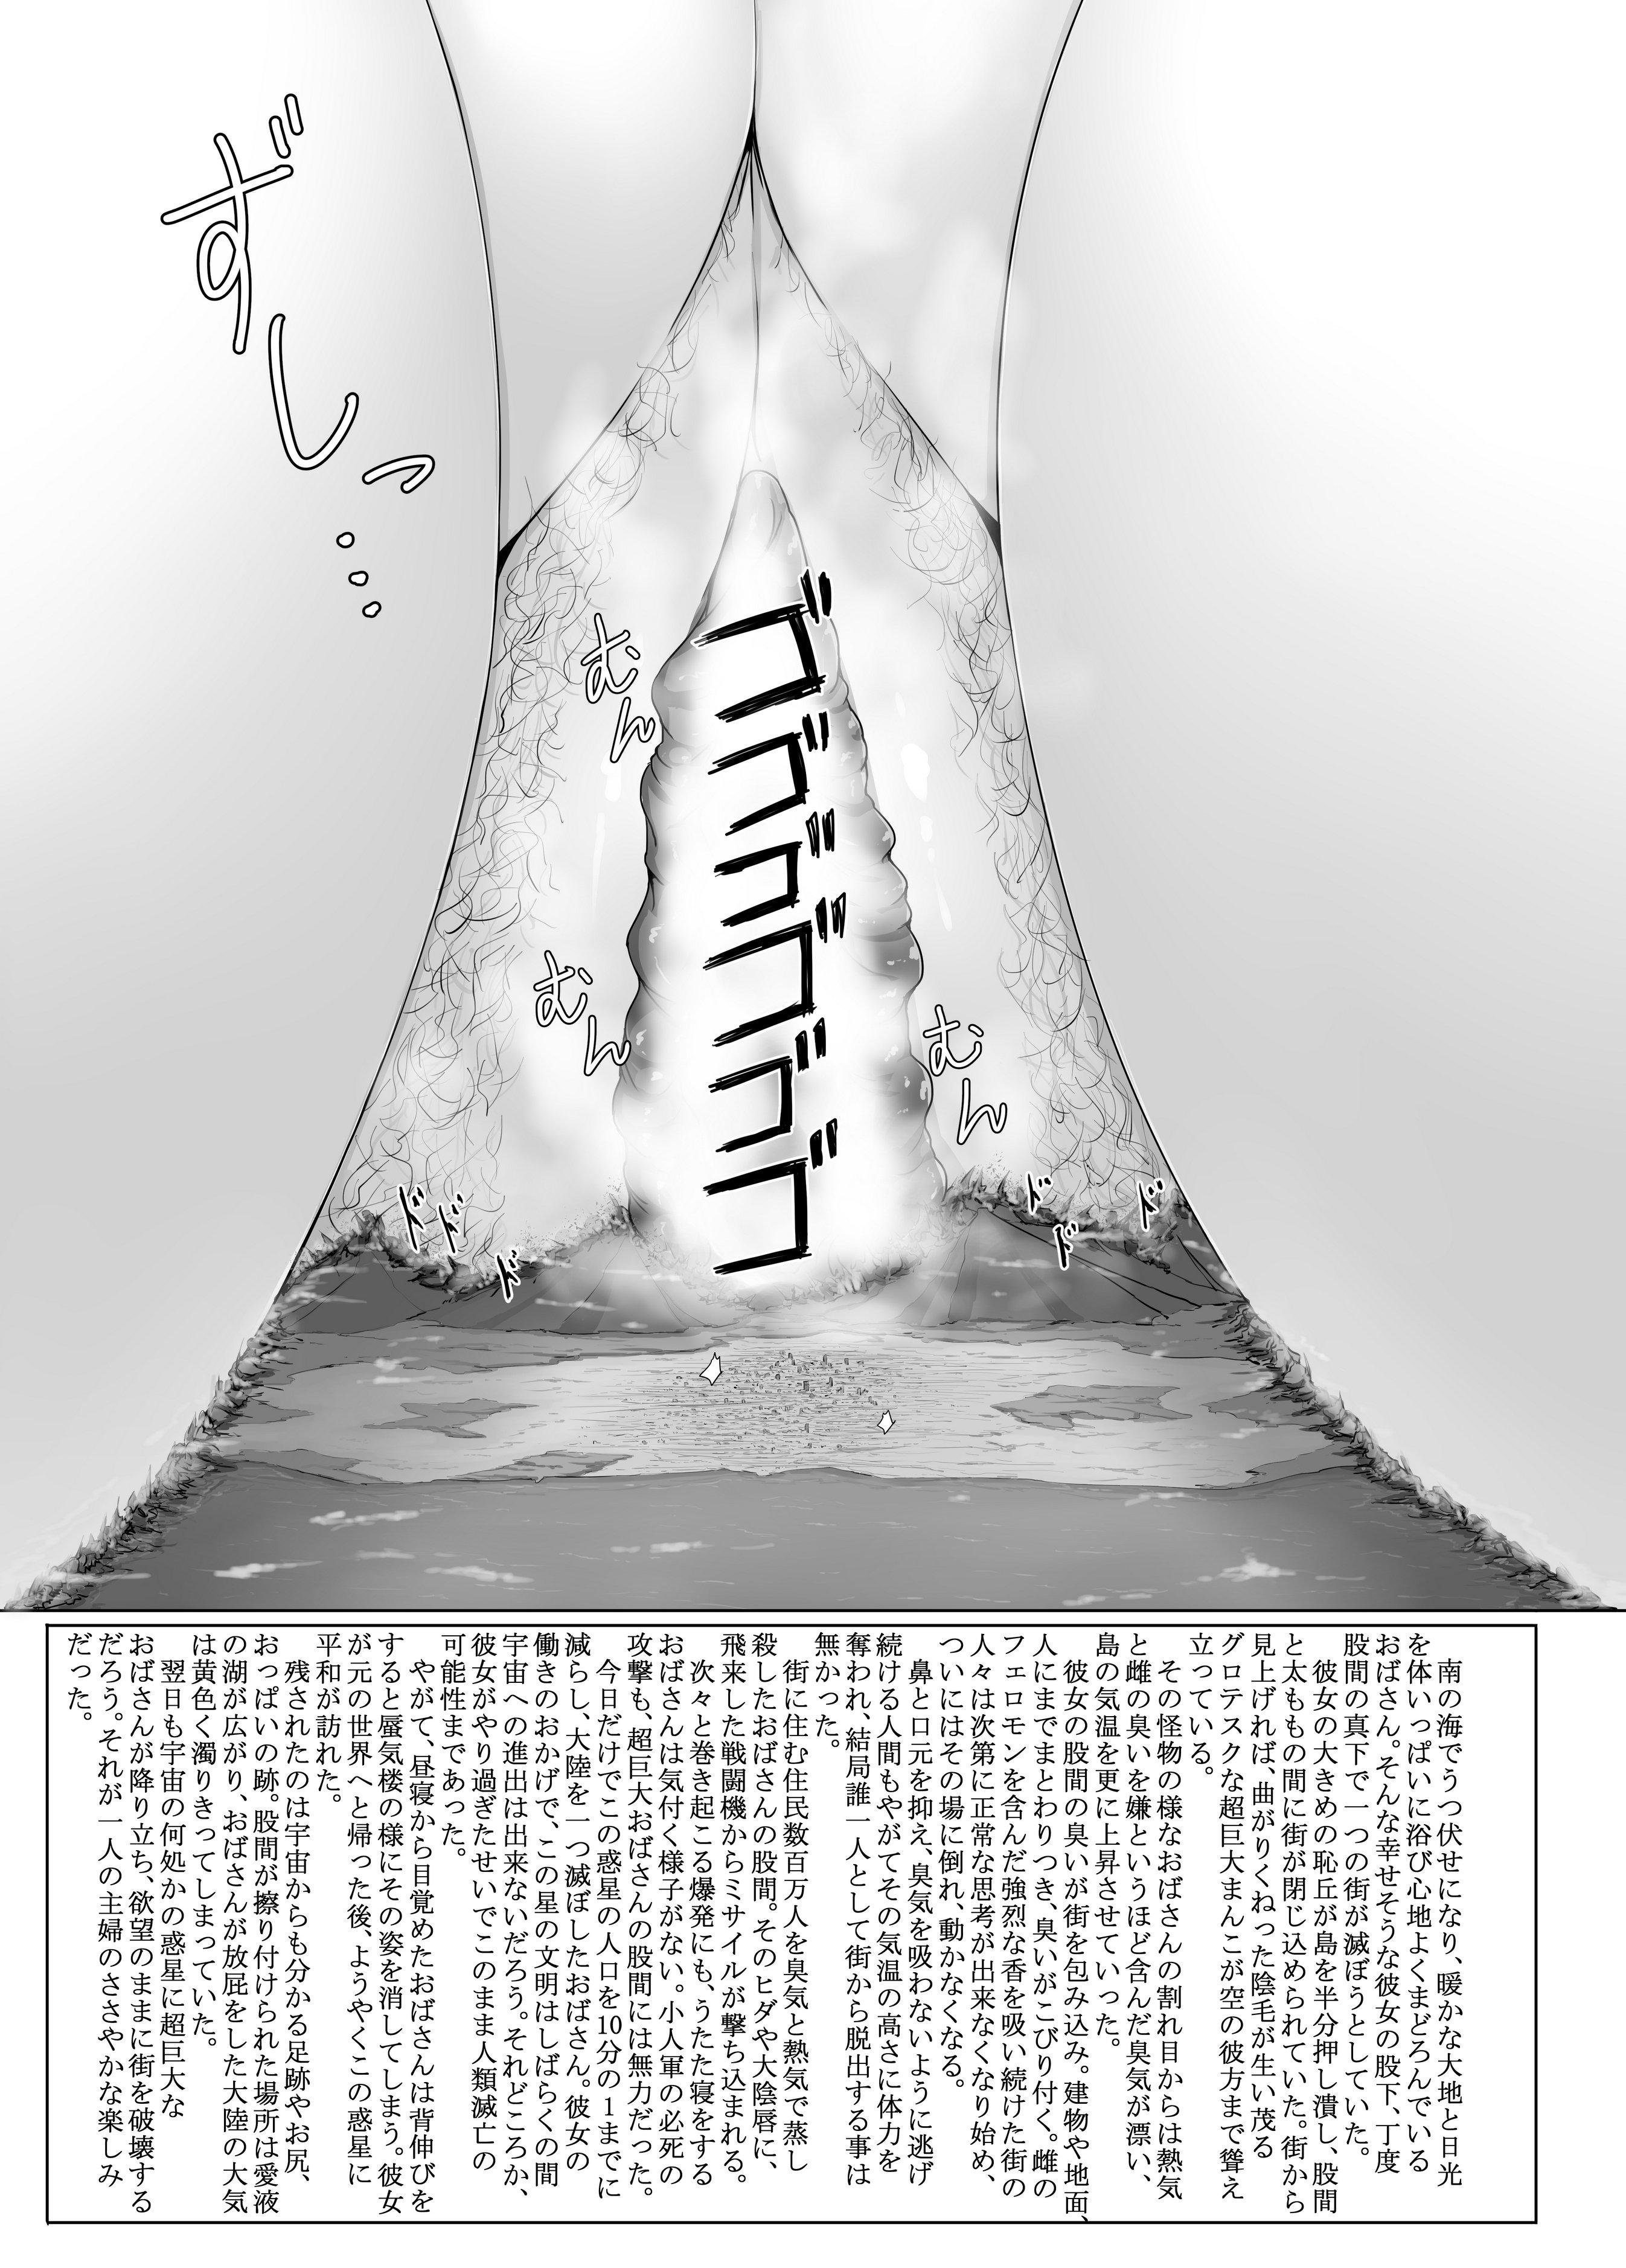 【エロ漫画】アラサー主婦襲来!パートで超ミニチュアサイズの街を爆乳とマンコで破壊、オナニーの道具にwww【無料 エロ同人誌】 (12)